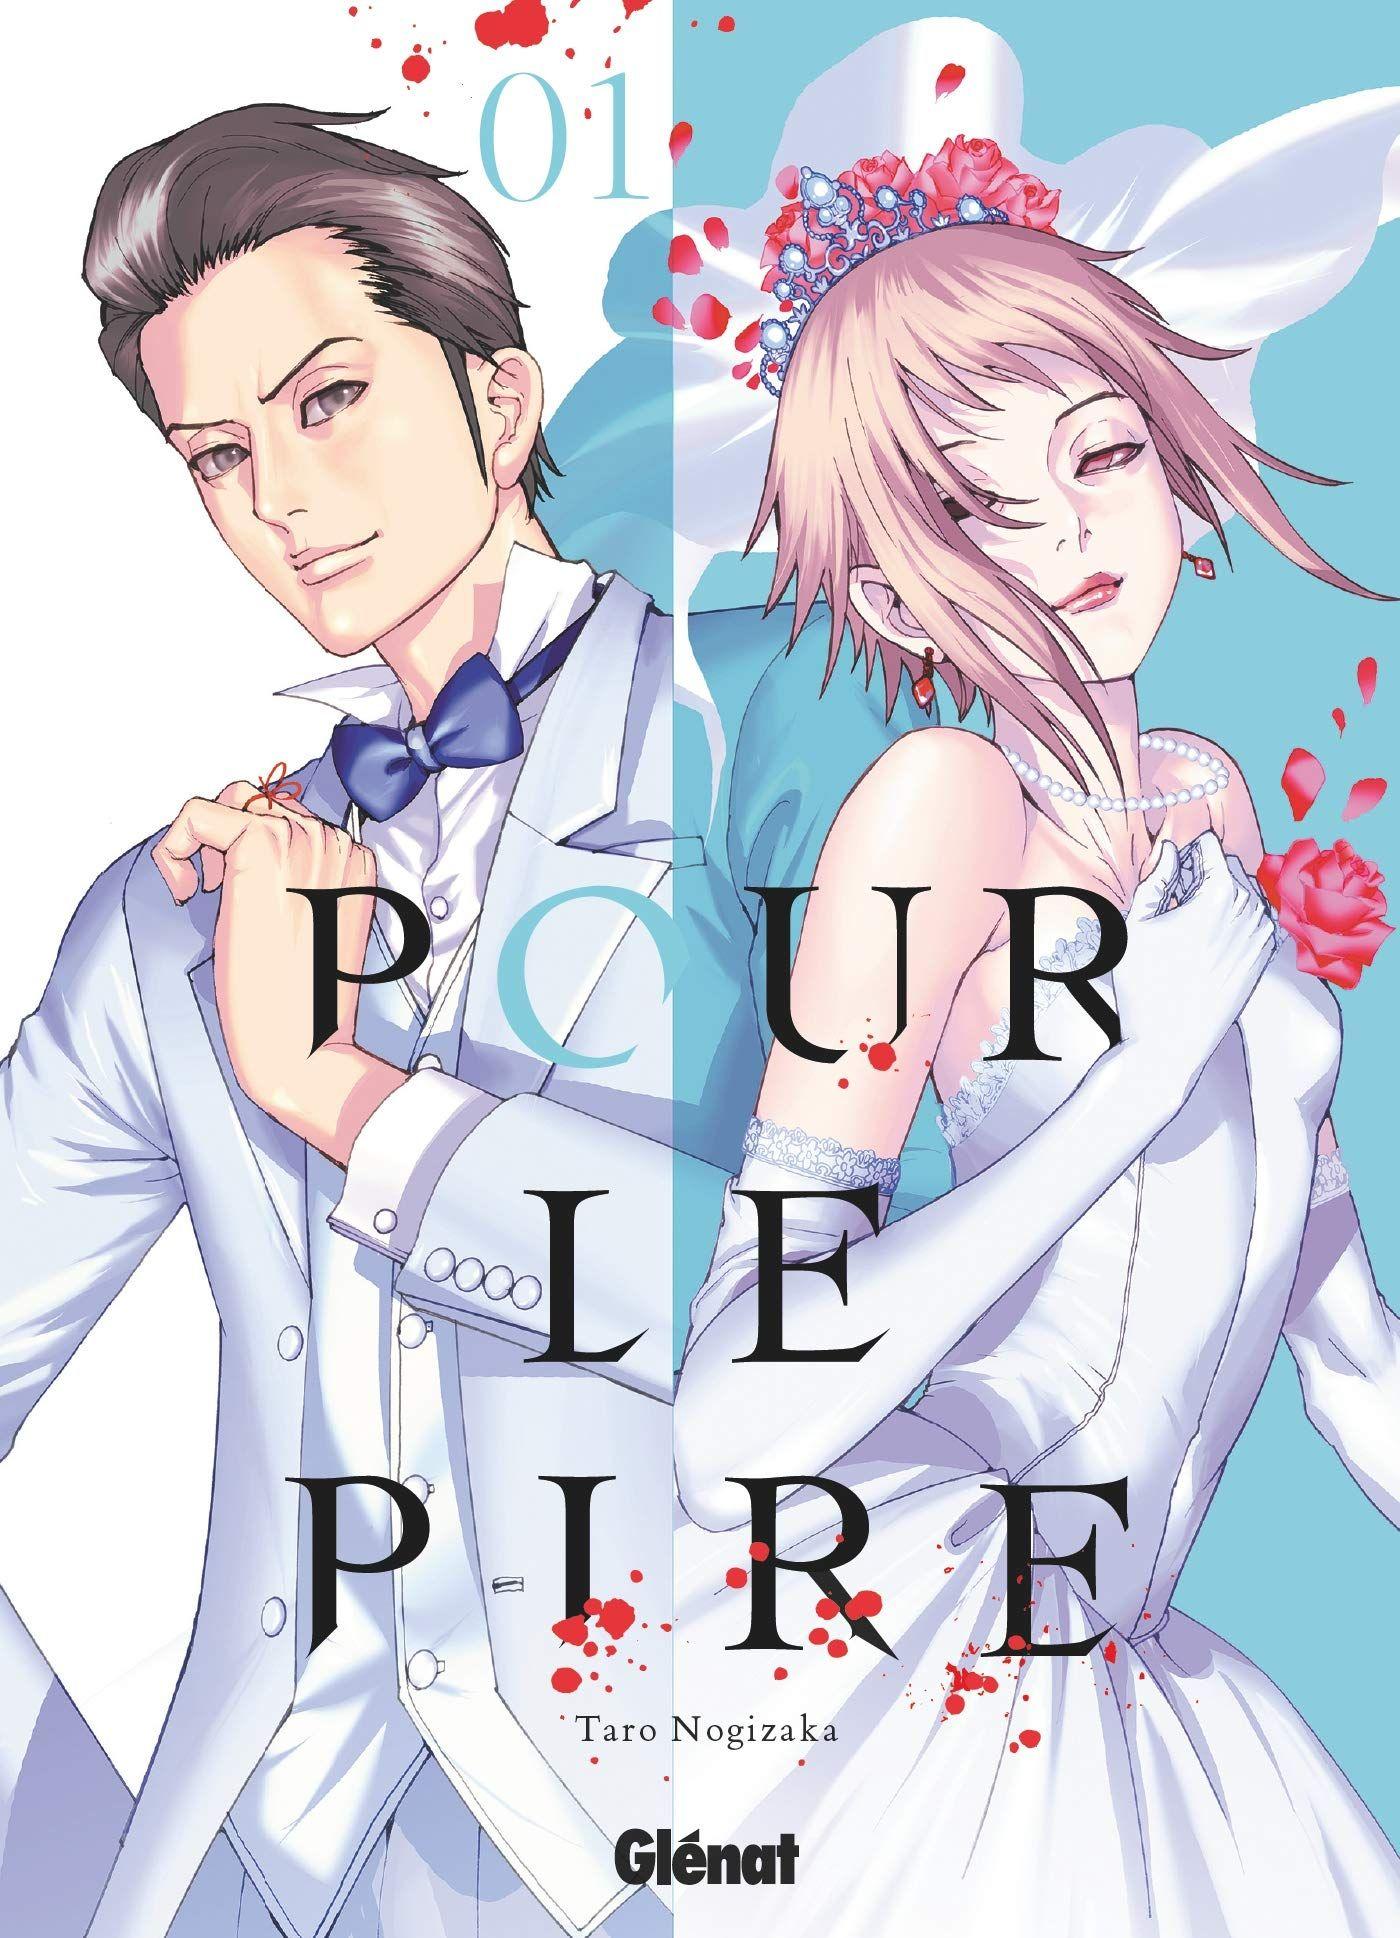 Sortie Manga au Québec MAI 2021 Pour-le-pire-1-glenat